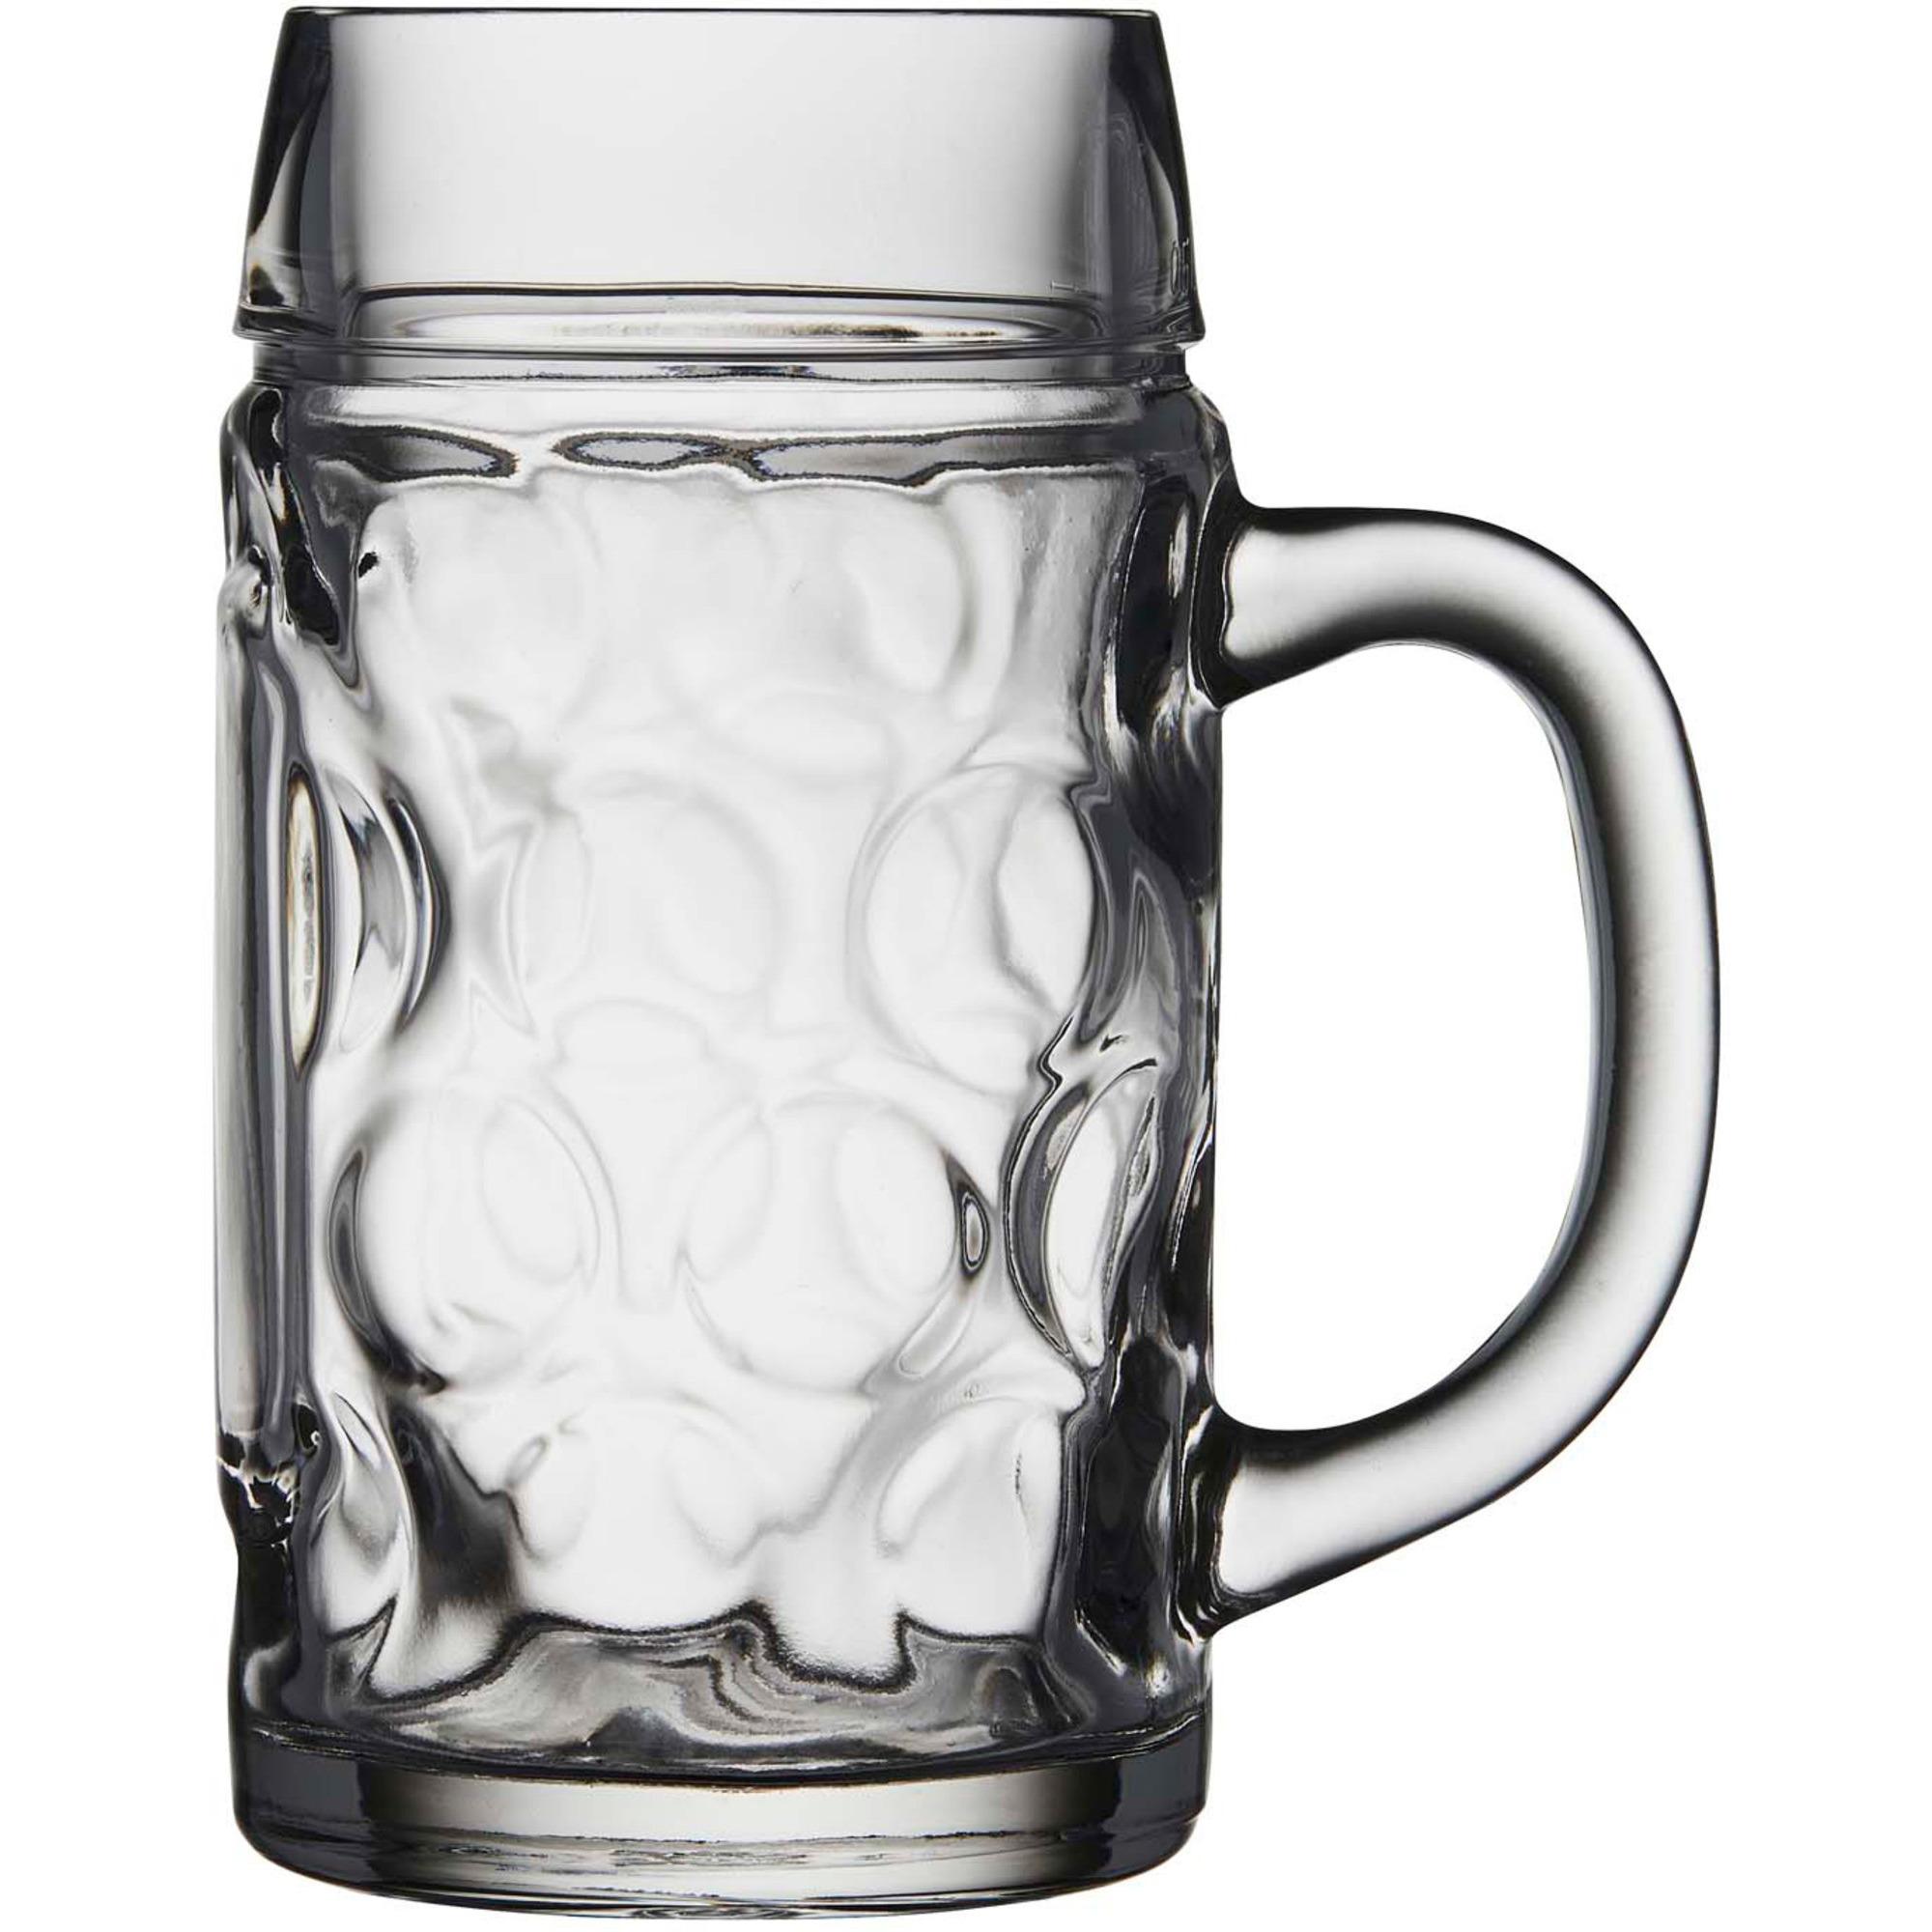 Lyngby Glas Ölsejdel 4 st 05 L